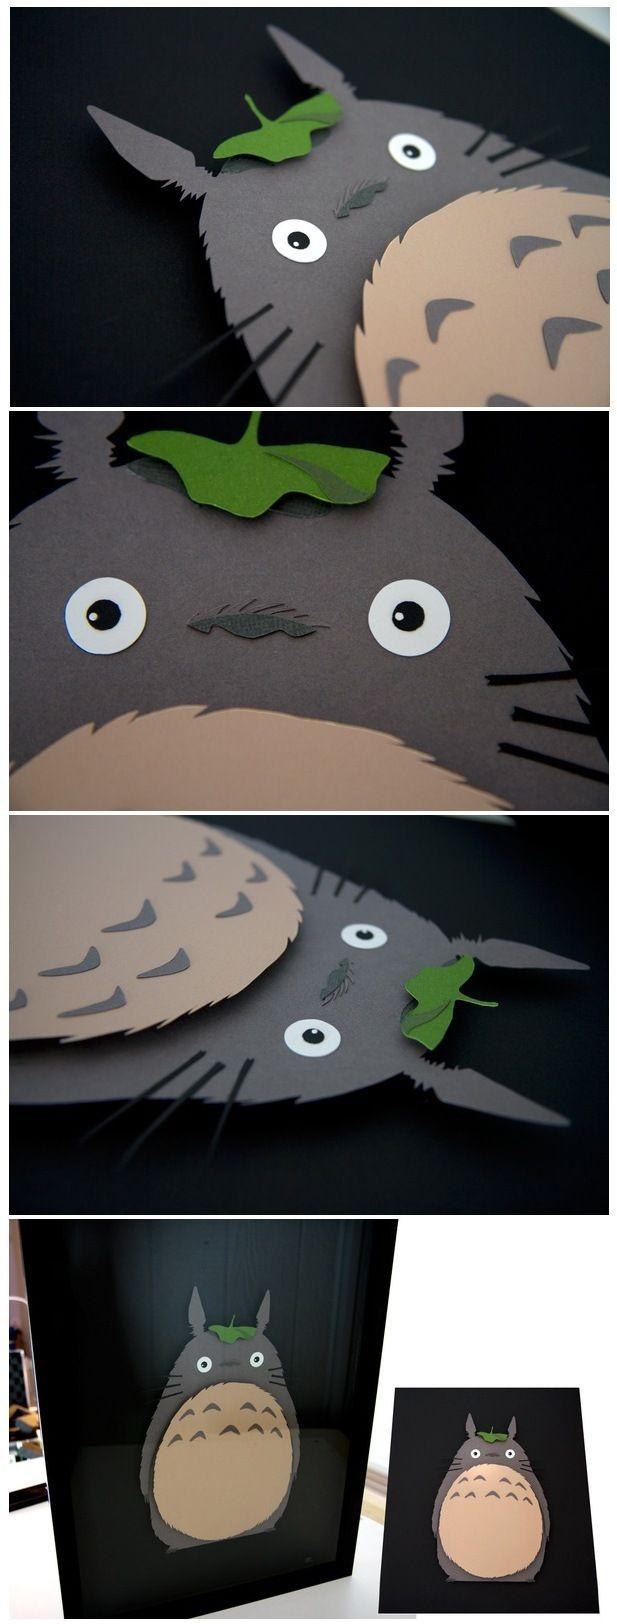 """Totoro Papercraft totoro"""" Studio Ghibli 3d Hand Cut Paper Craft by Pigg"""